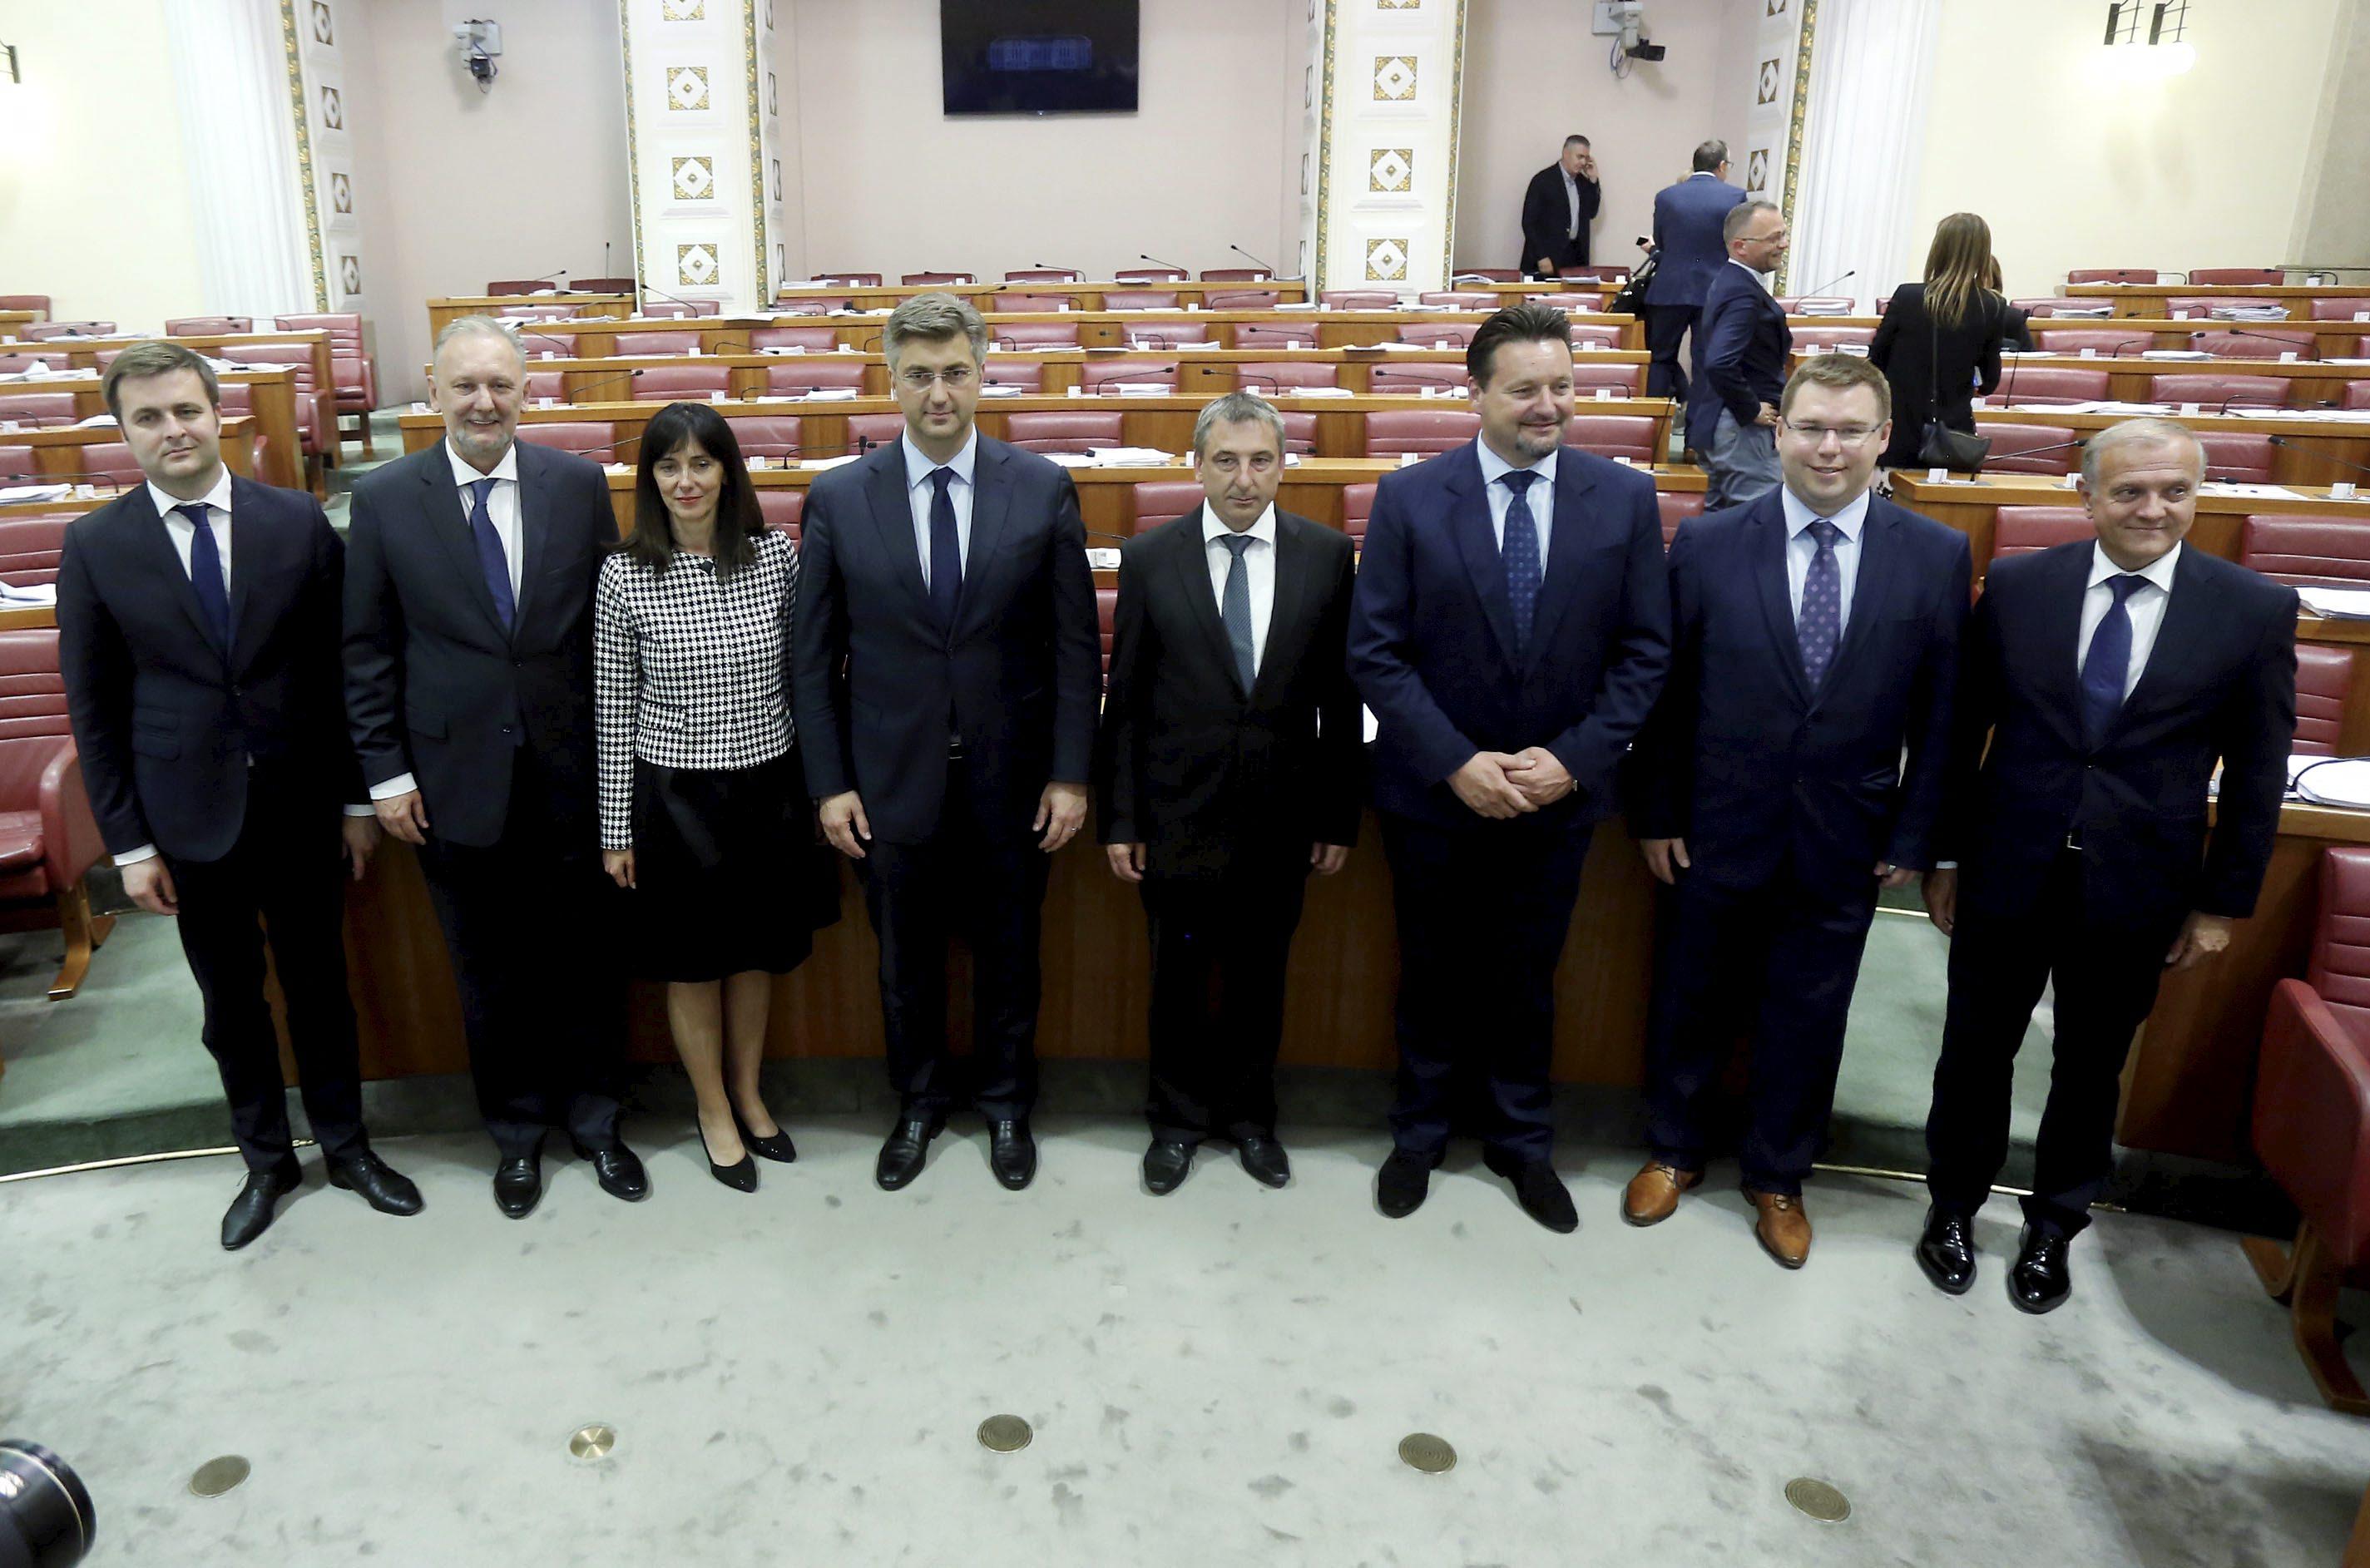 Tomislav Ćorić (prvi lijevo u društvu kolegica i kolega iz Vlade te premijera) ima najveće šanse naslijediti Martinu Dalić